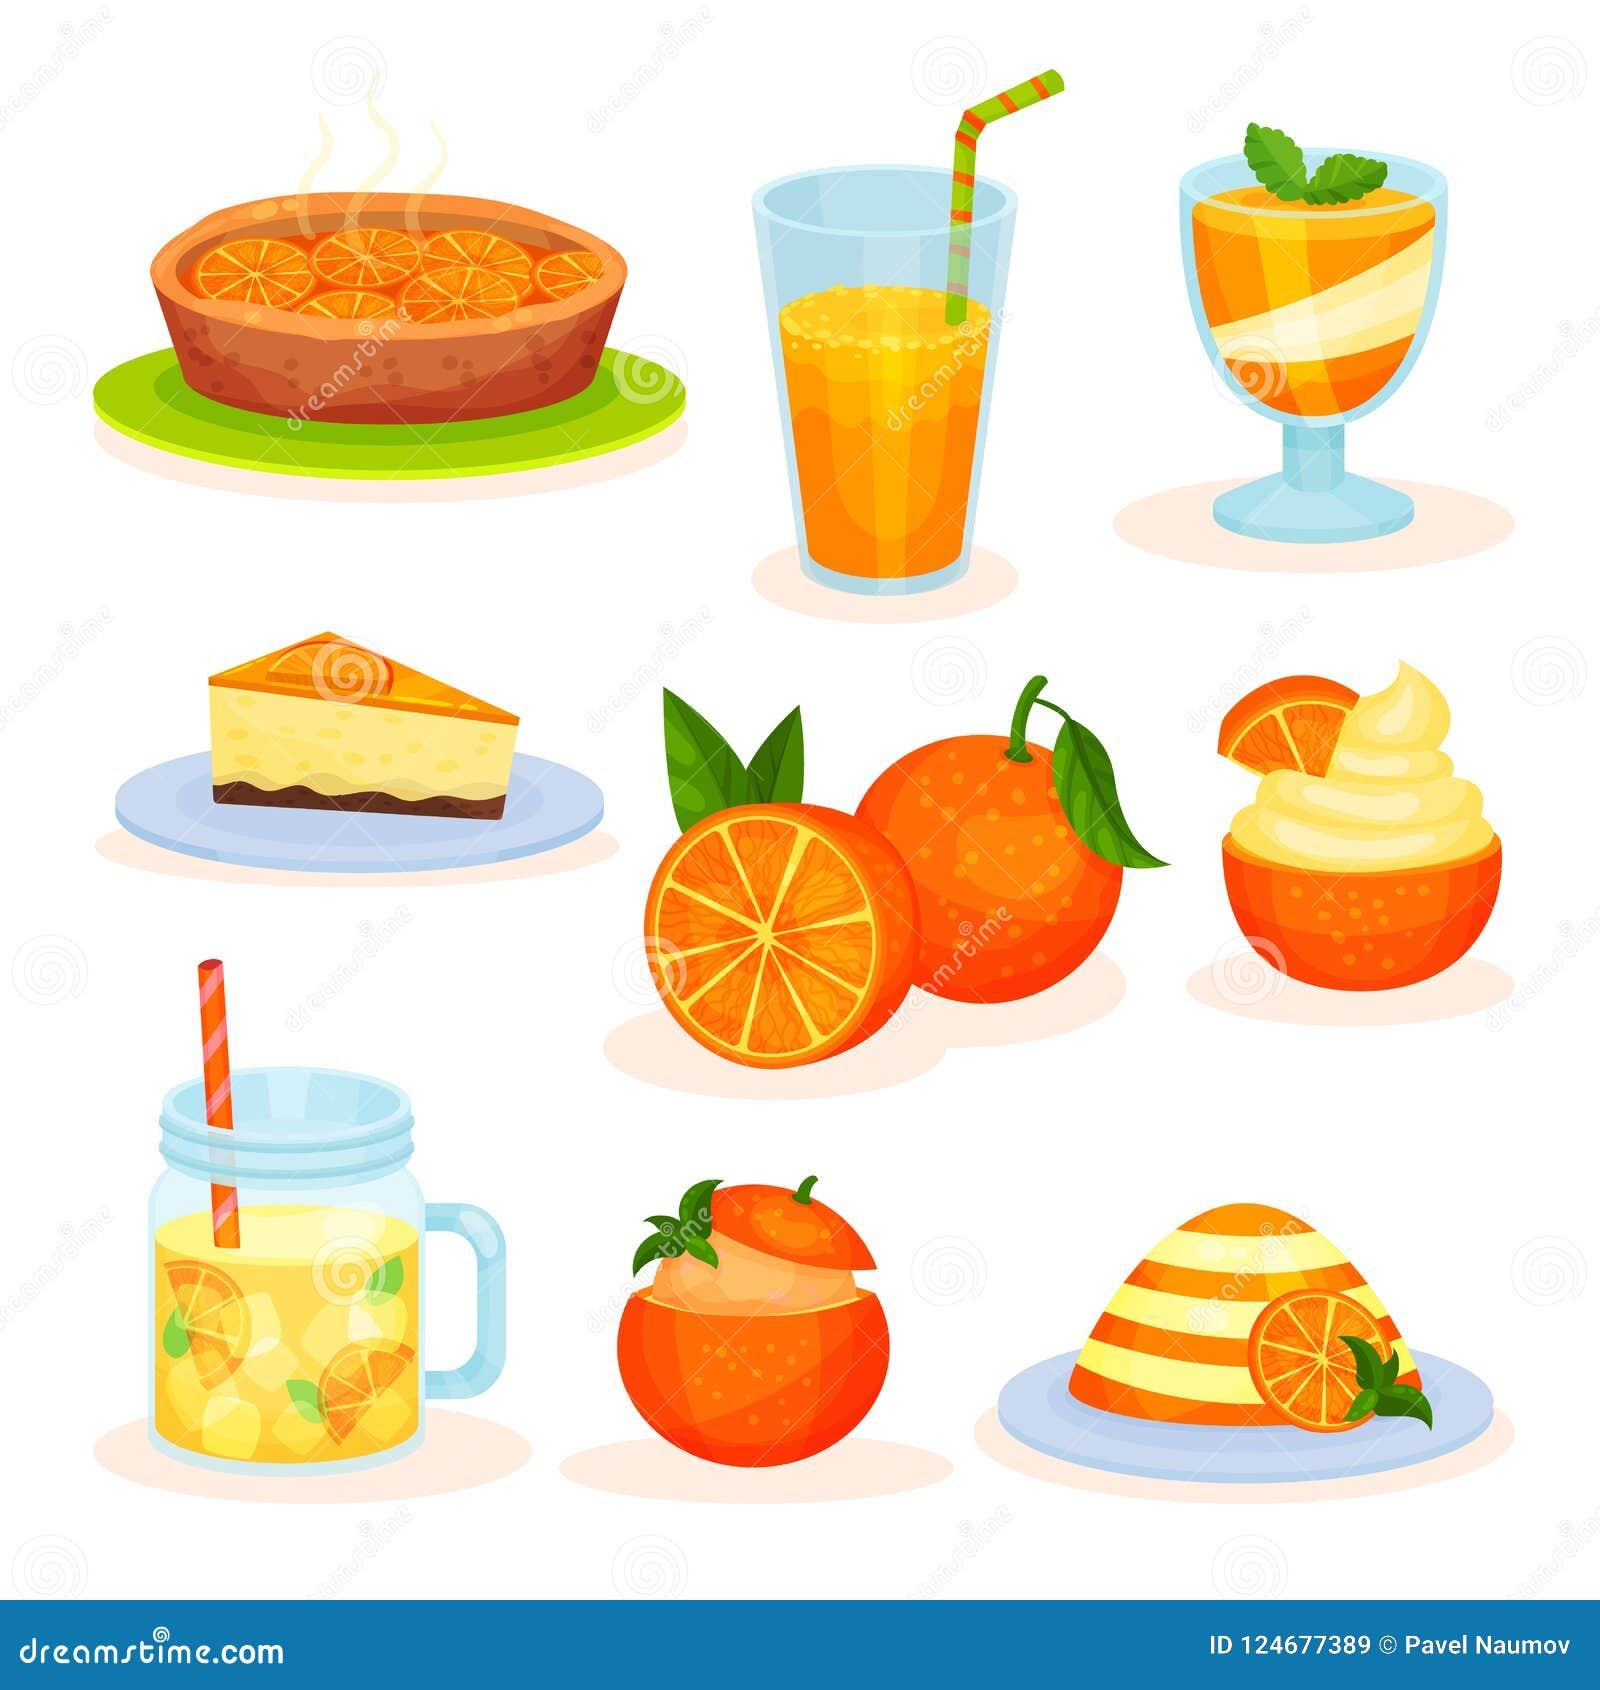 Świeżej owoc pomarańczowi desery, świeżo piec kulebiak, sok, mousse, tort, pudding wektorowe ilustracje na białym tle